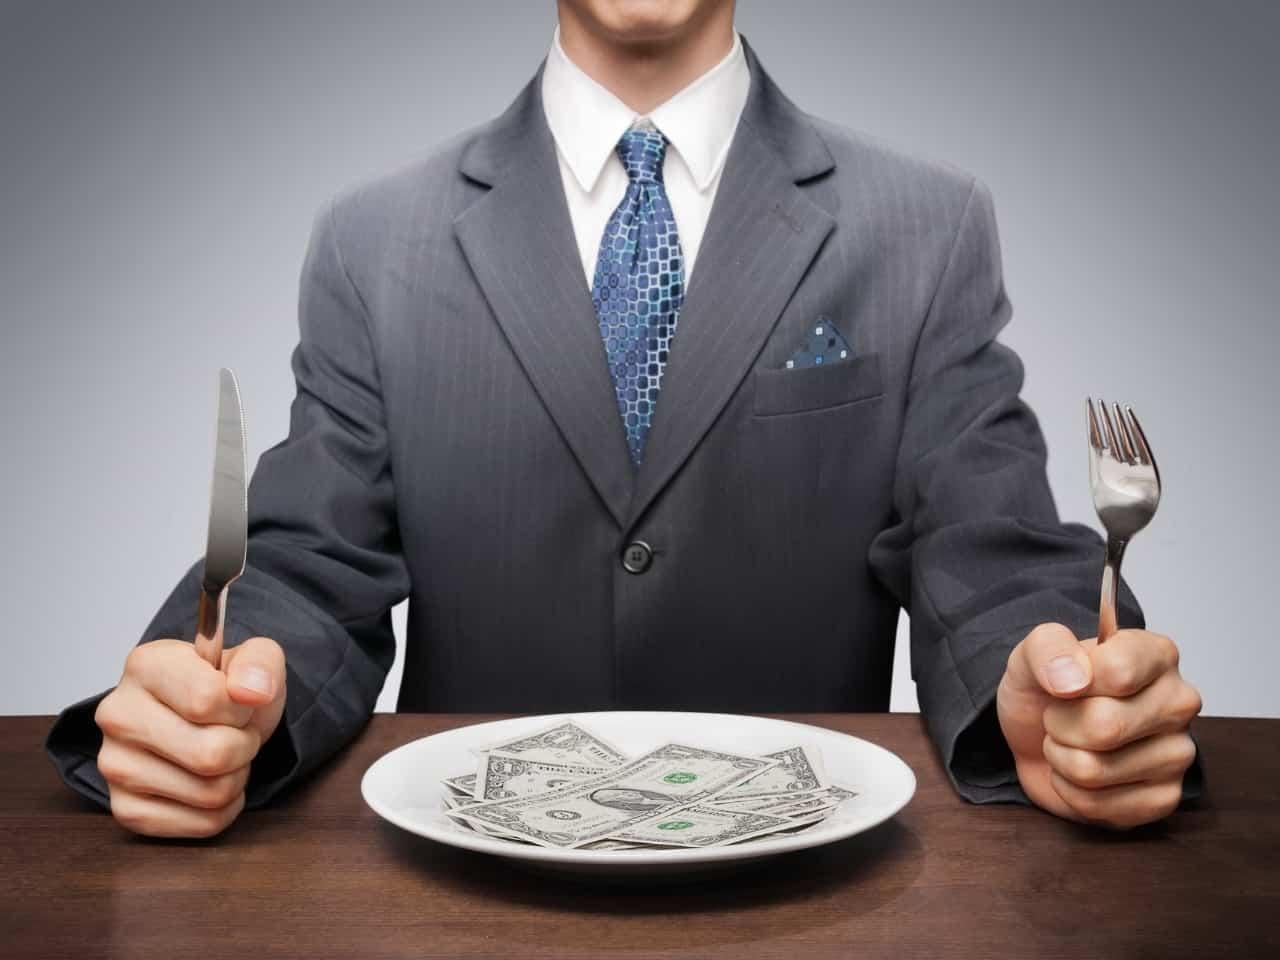 homem segurando garfo e faca com notas de dinheiro em seu prato, simbolizando consumismo